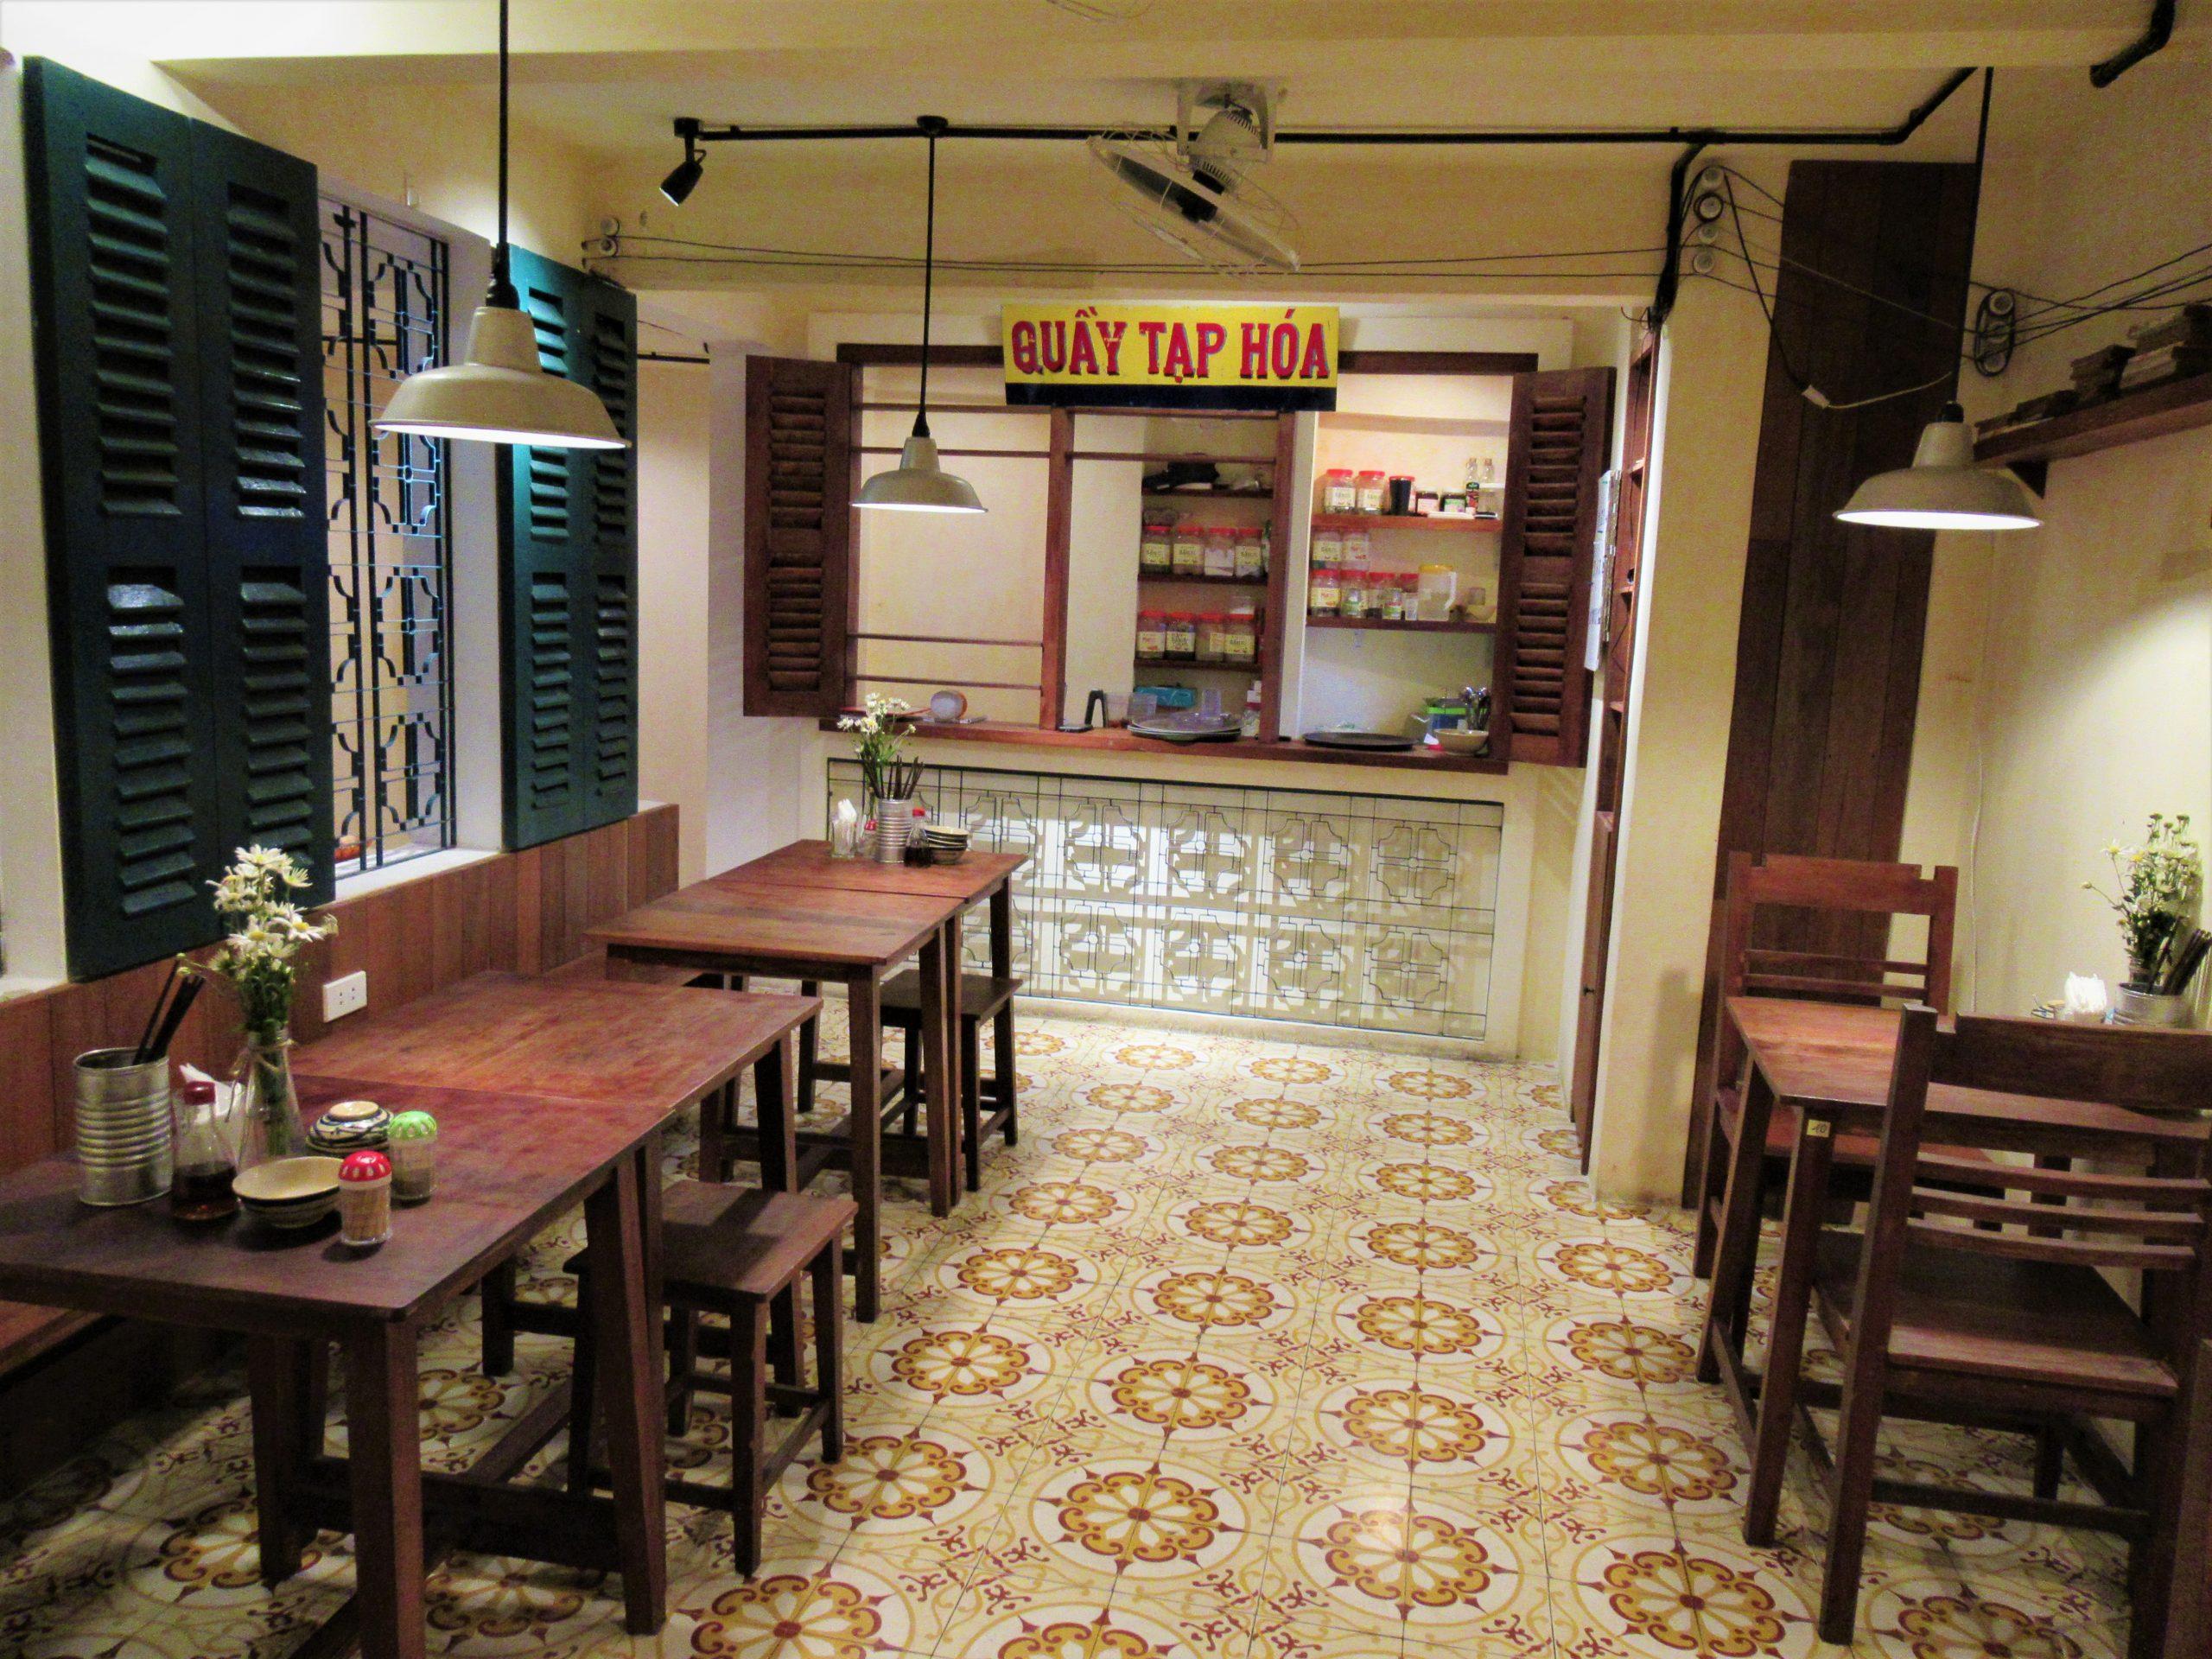 Ngõ Ngách, Saigon, Ho Chi Minh City, Vietnam